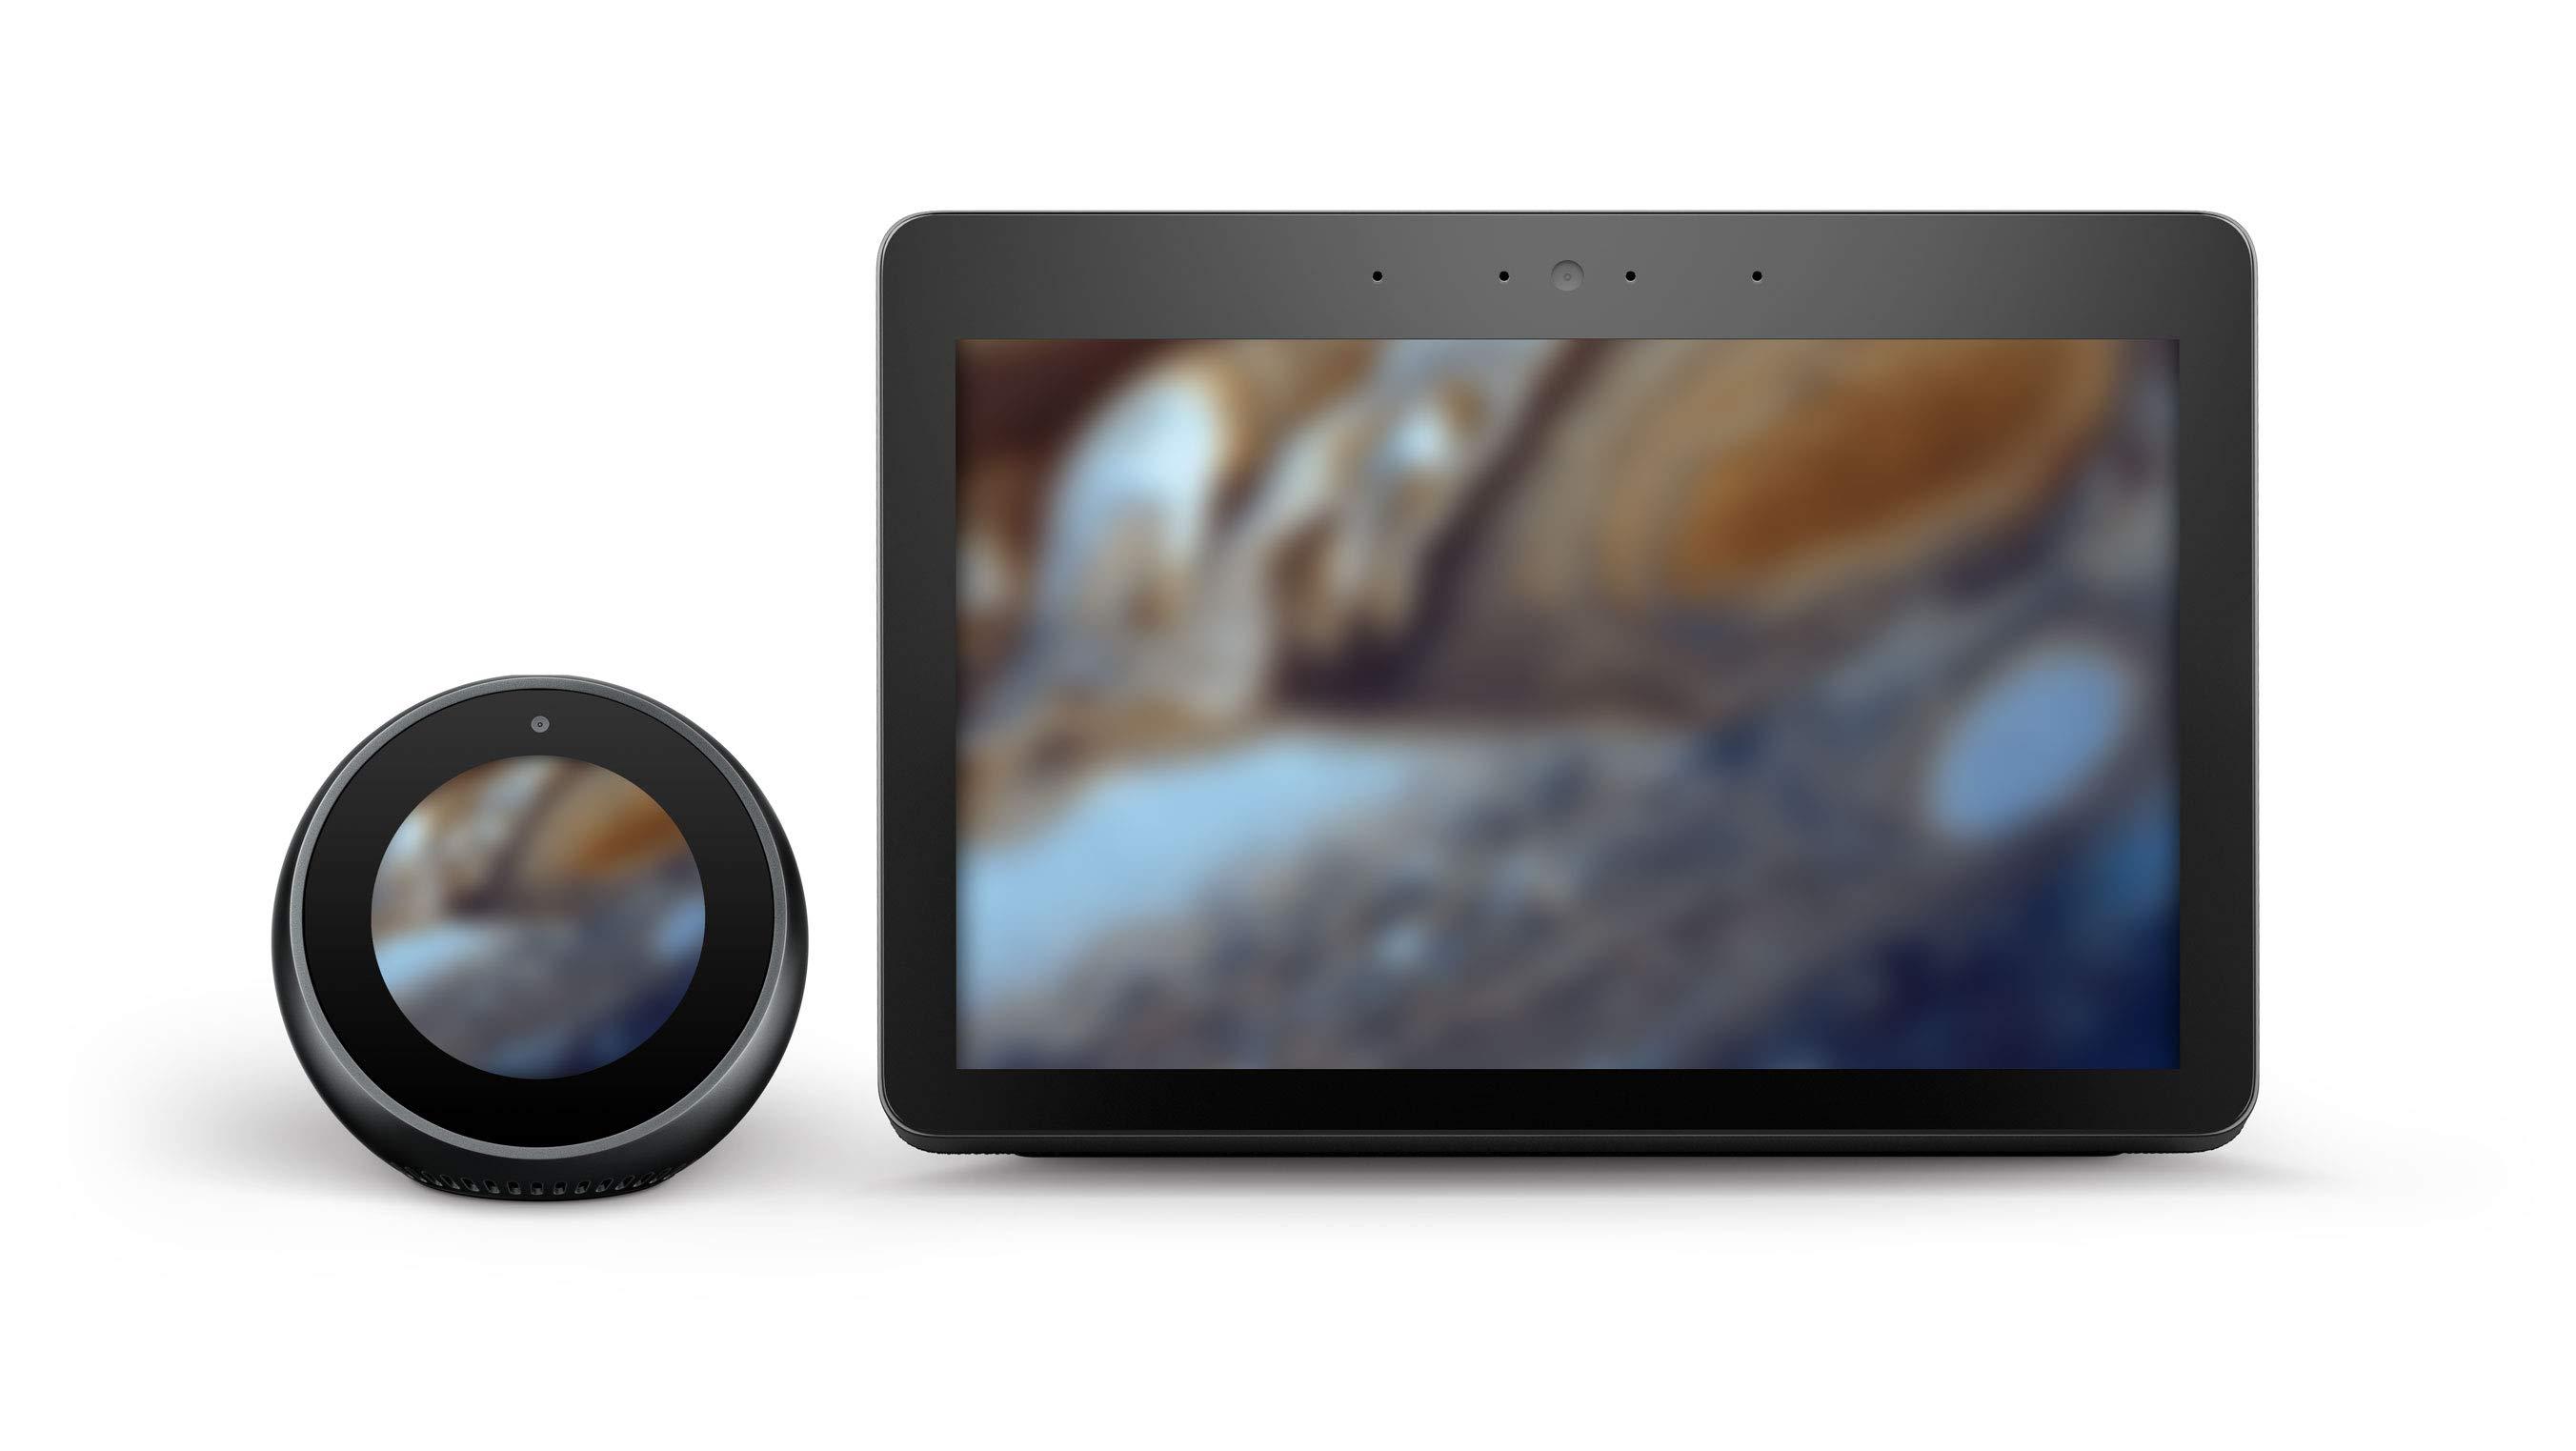 2台のハブデバイスでNASAの木星の画像にぼかしのオーバーレイを適用した例です。画面上にテキストなどのほかの要素はありません。